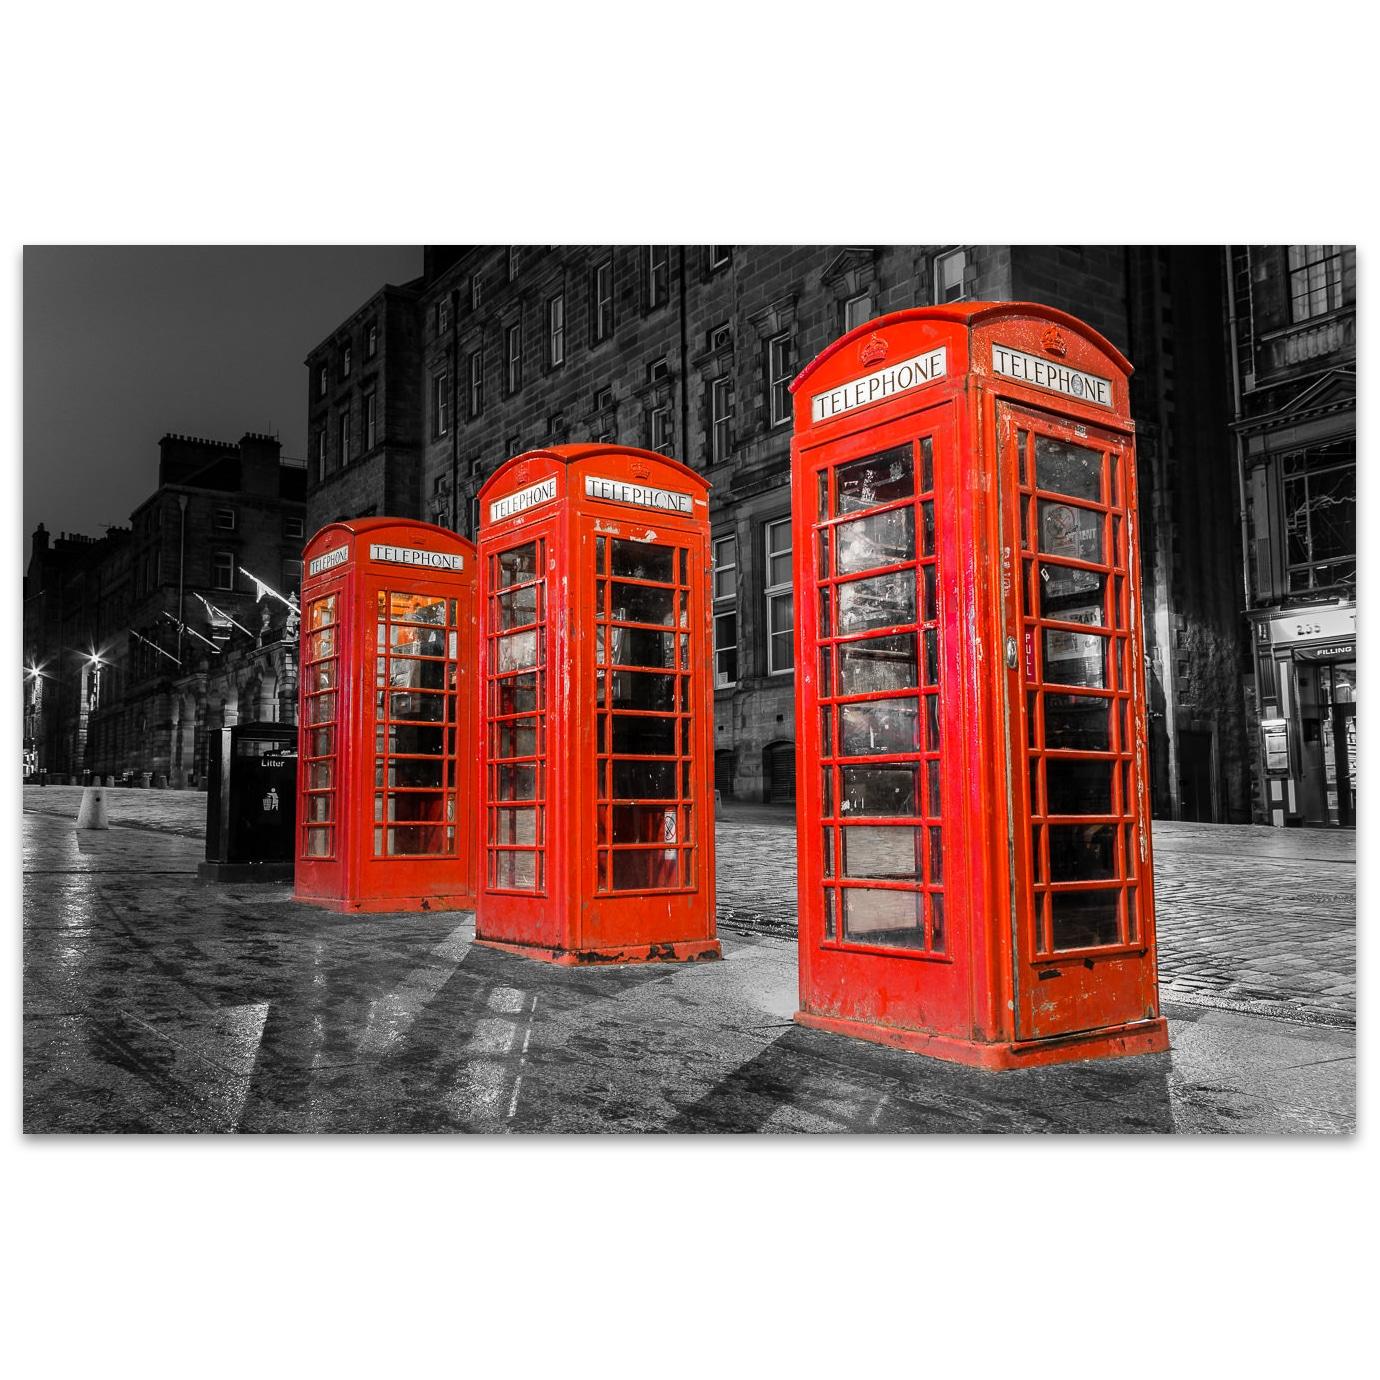 Les cabines téléphoniques royales dans Édimbourg en Écosse